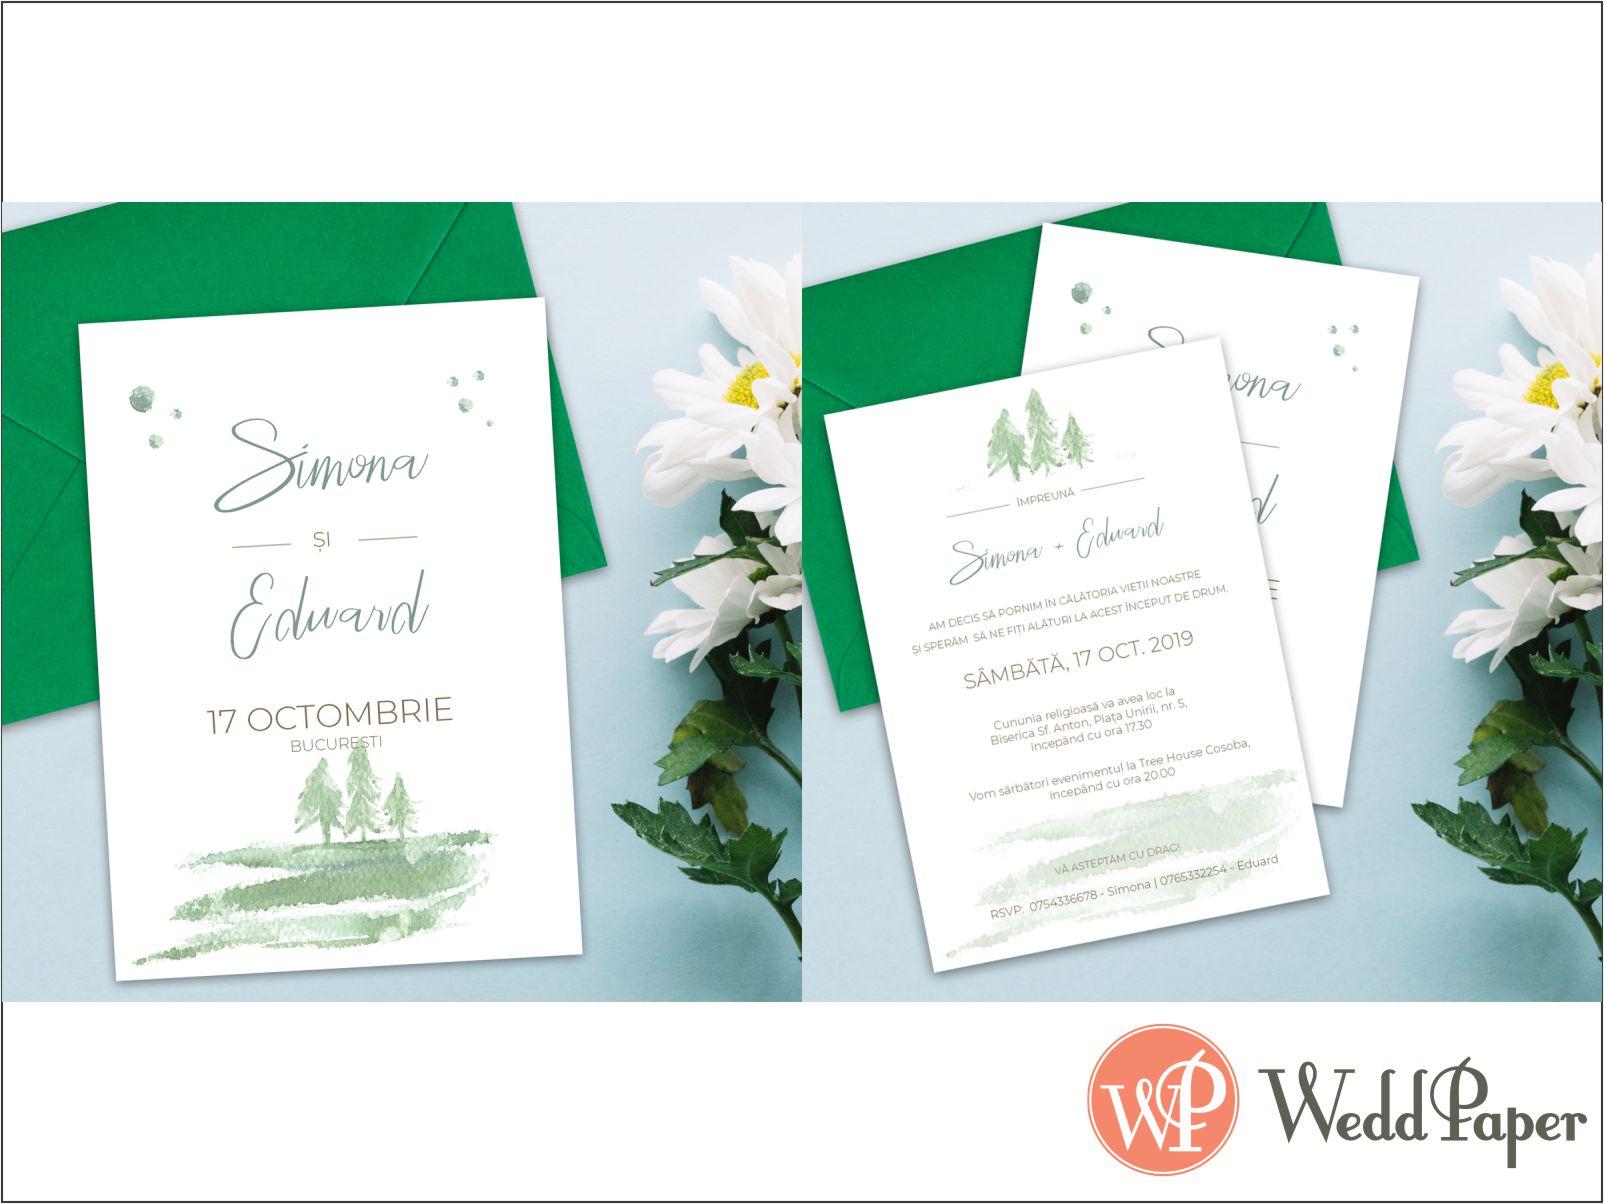 Weddpaper Wedmag